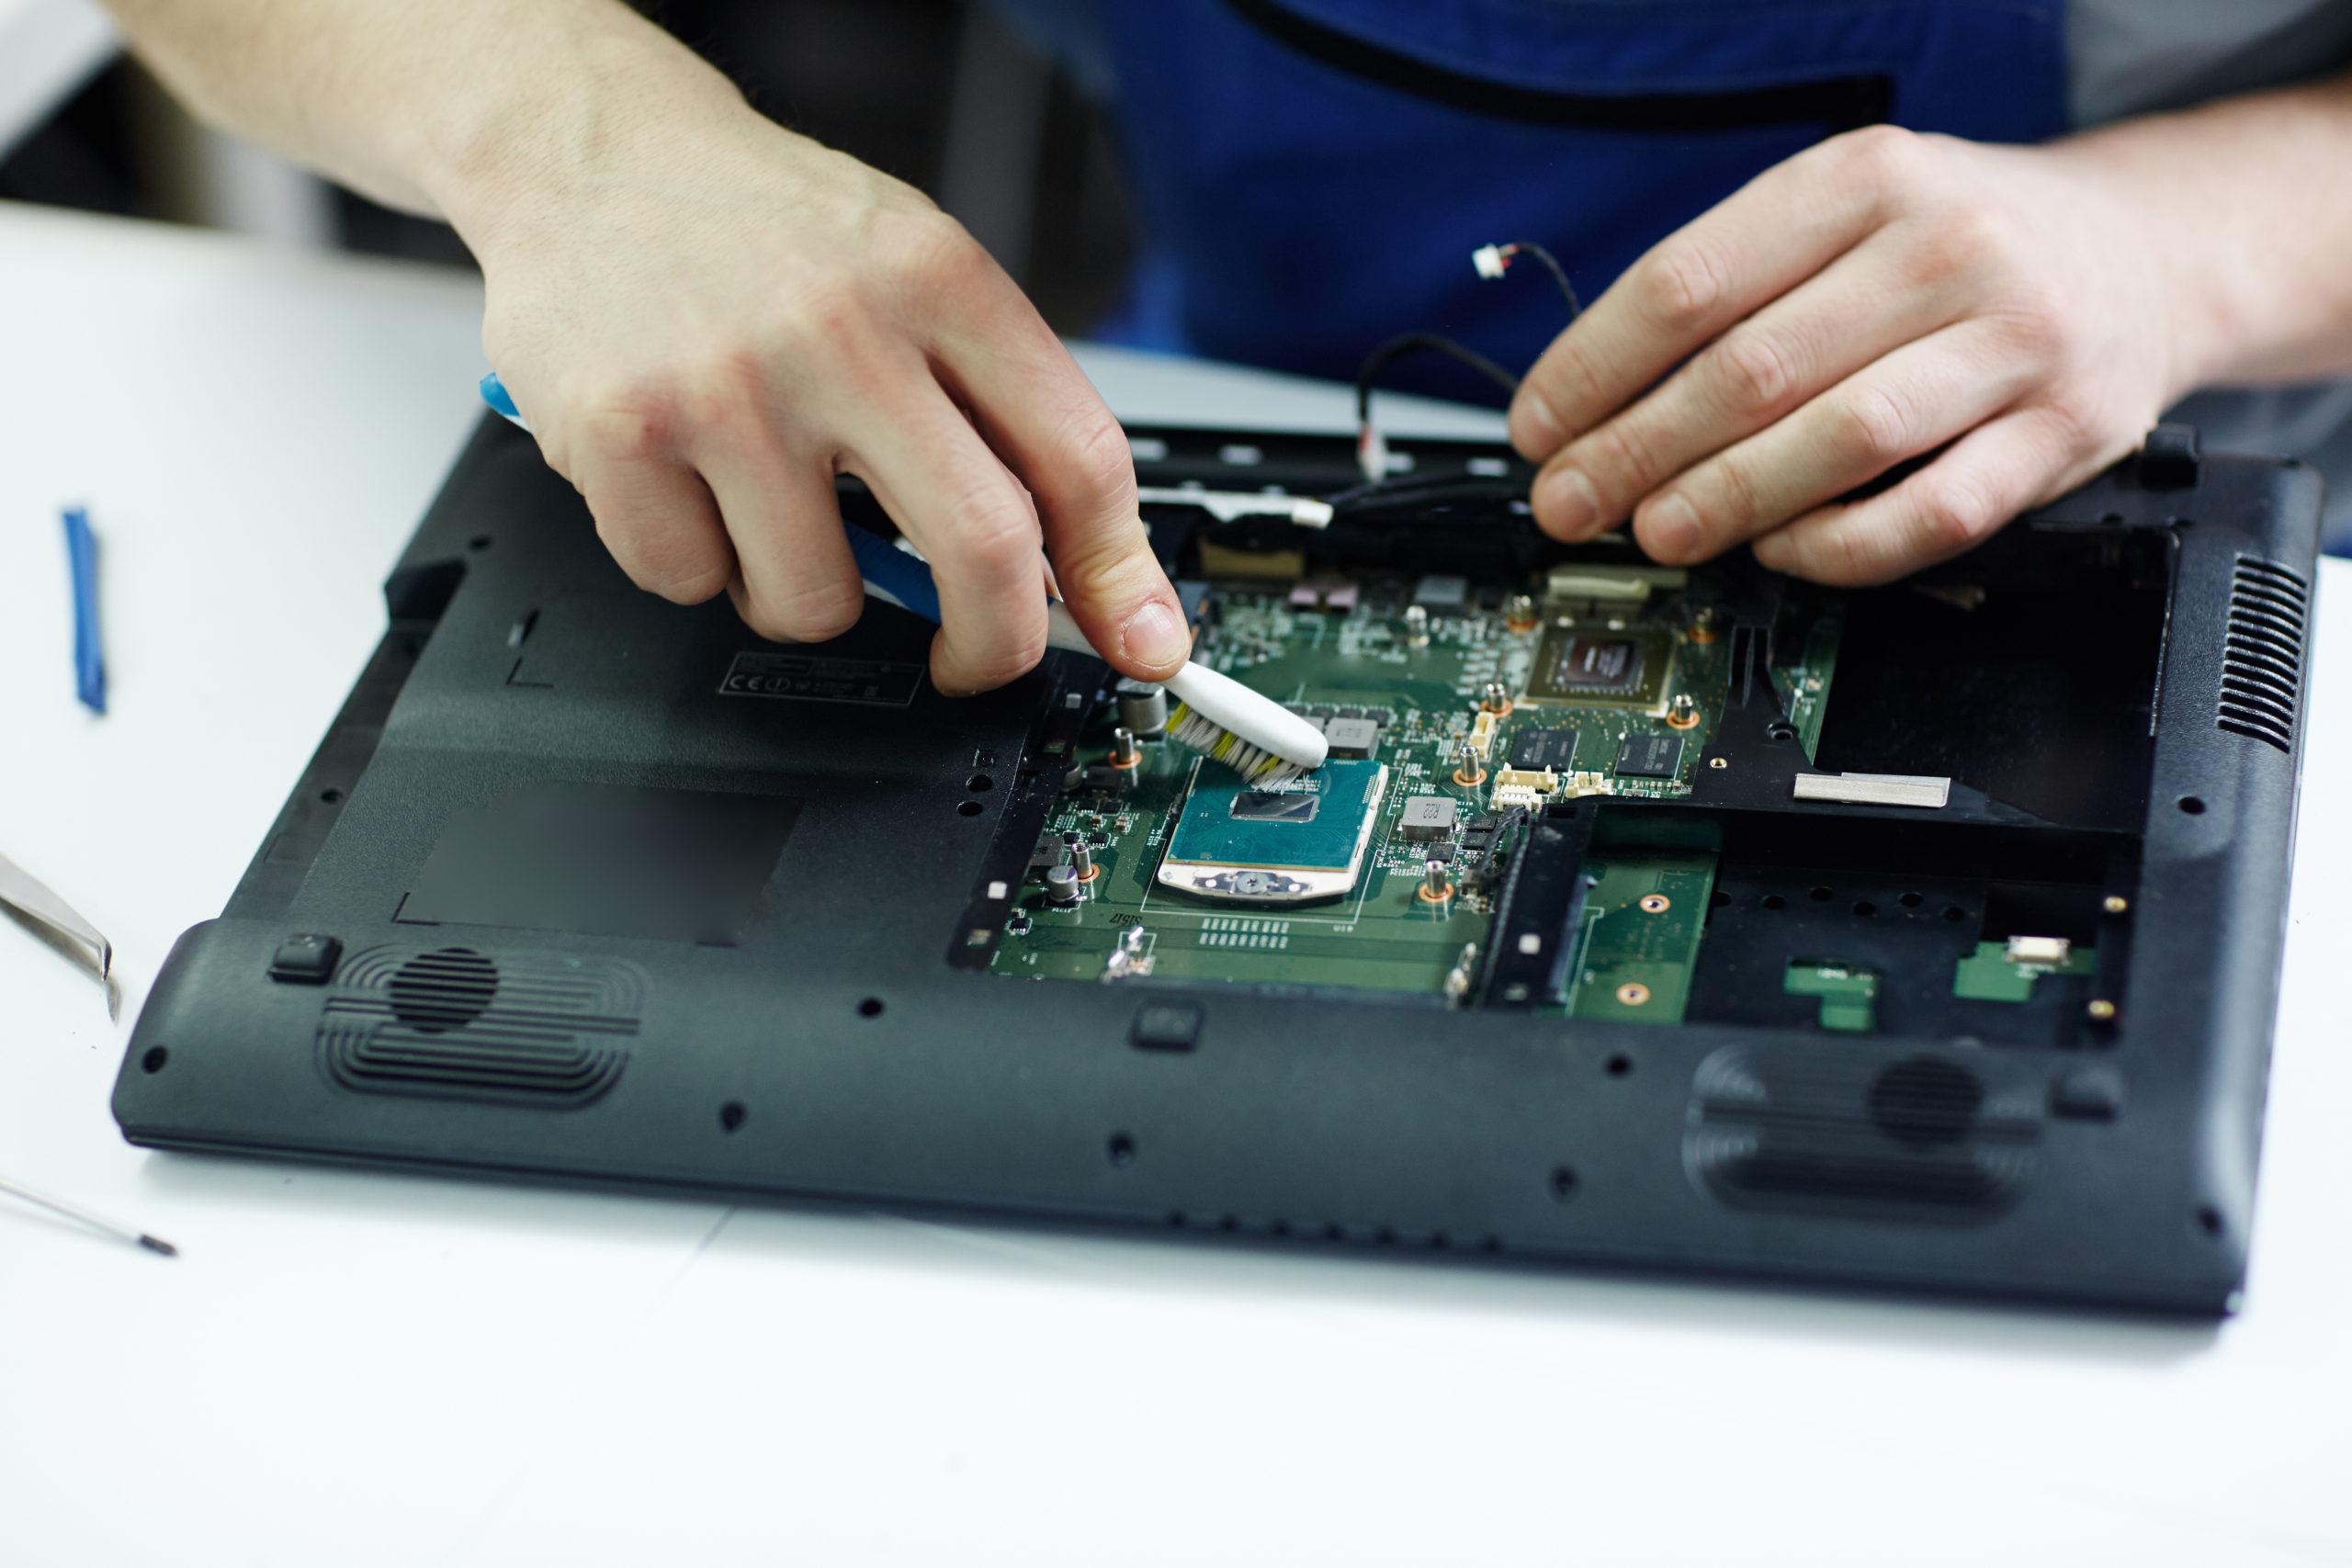 Почему нельзя включать ноутбук после заливки